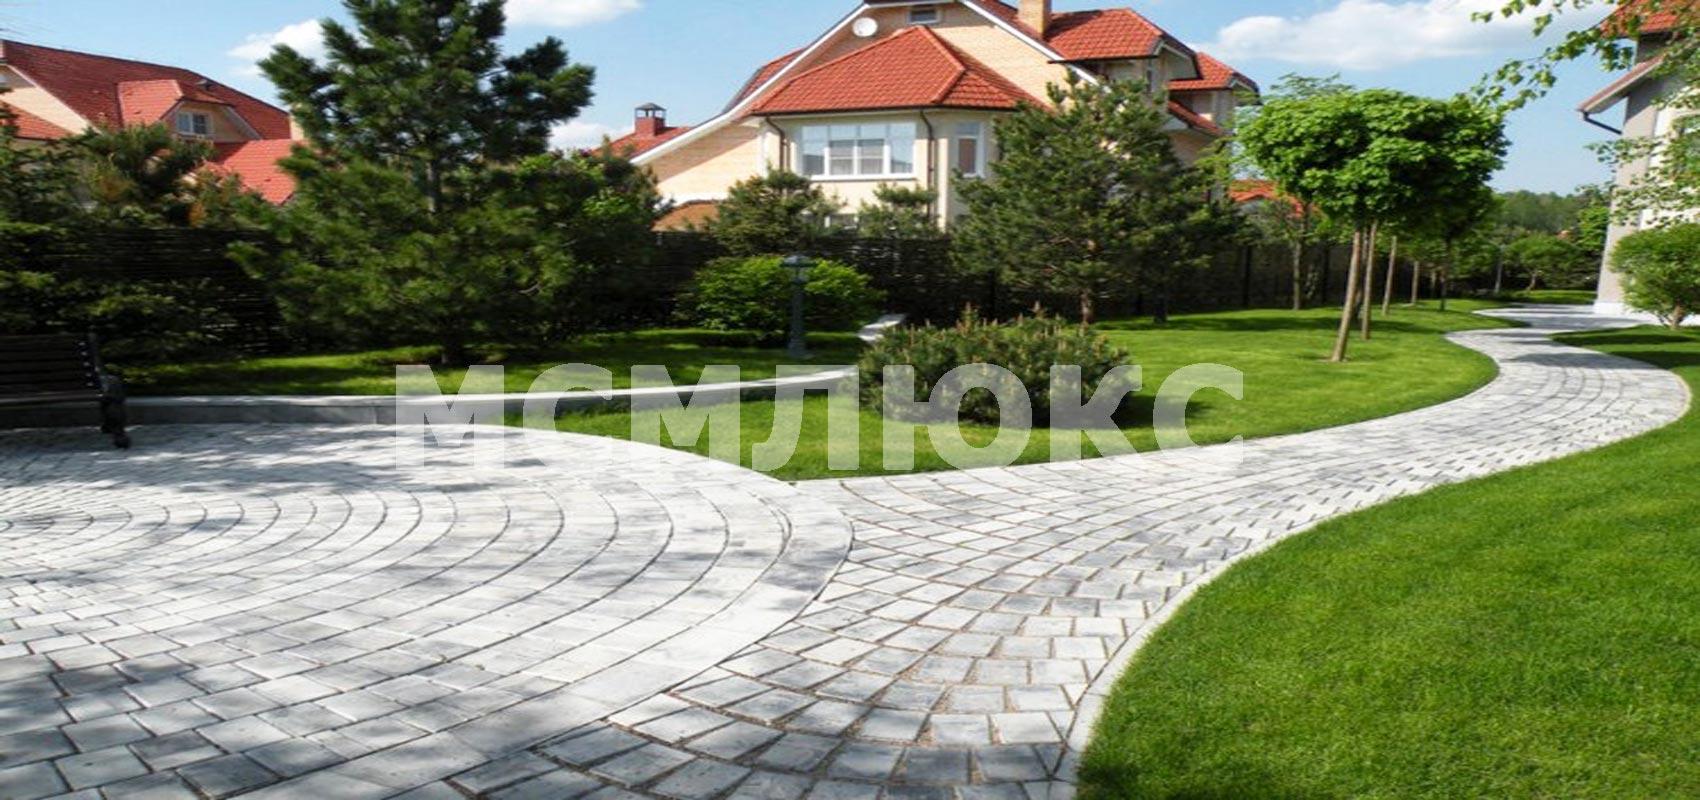 производство тротуарной плитки электросталь